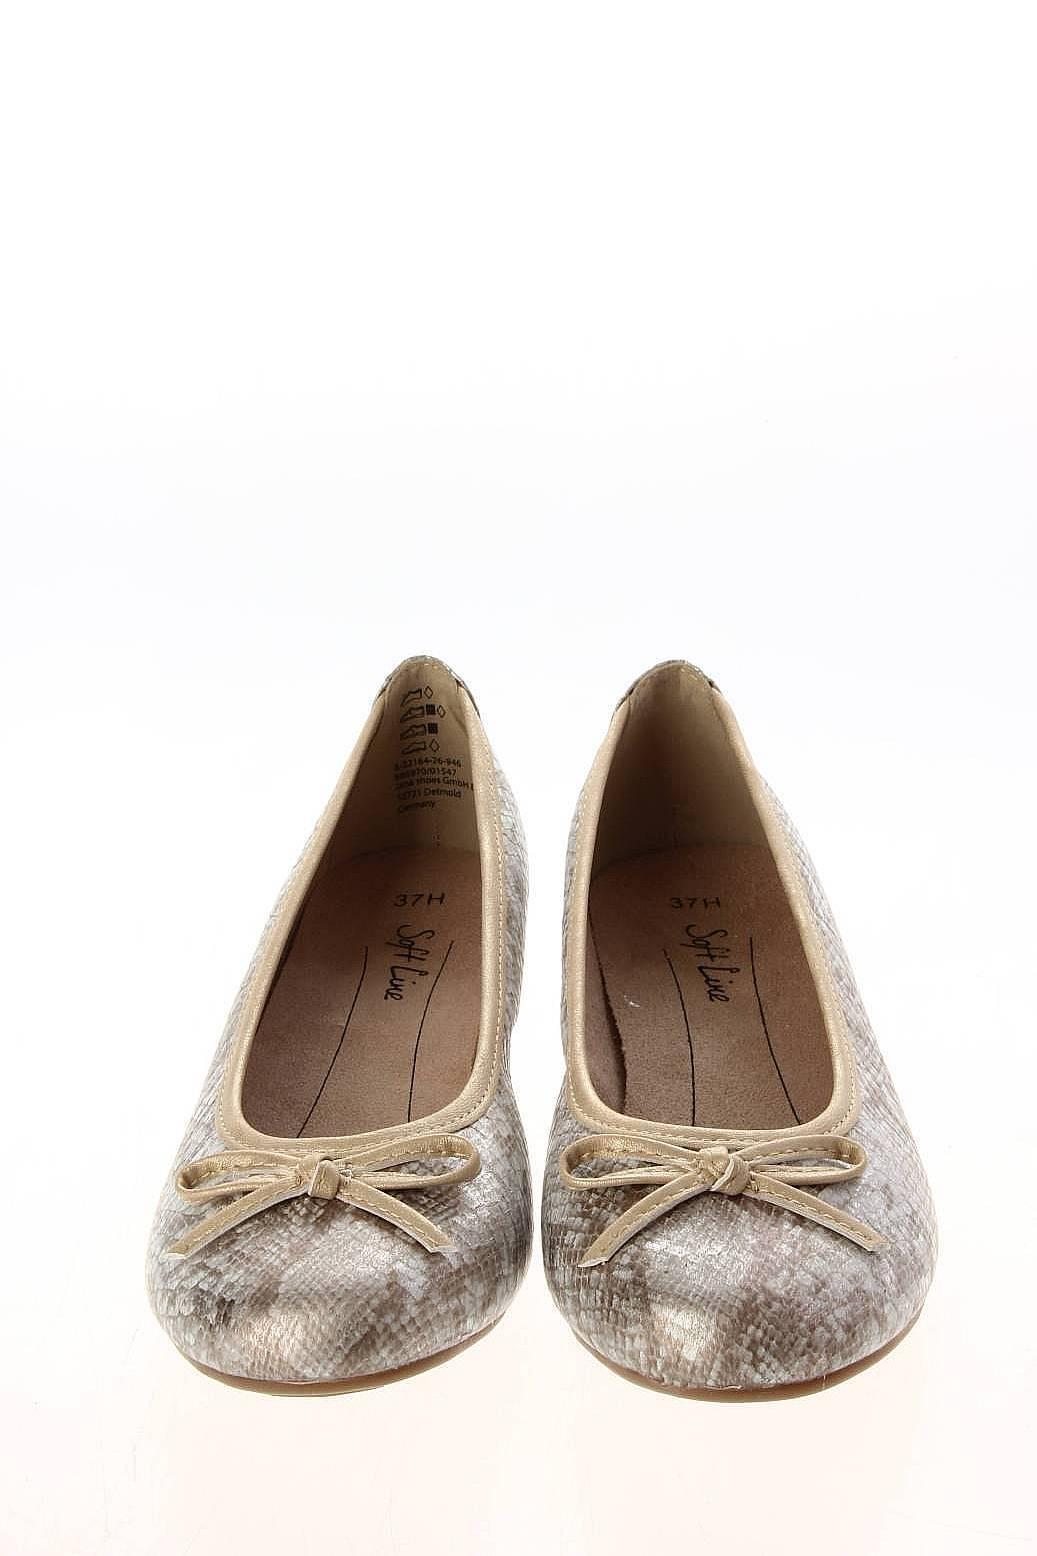 Мужская Обувь Детская Обувь Женская Обувь Балетки: Soft Line Обувь